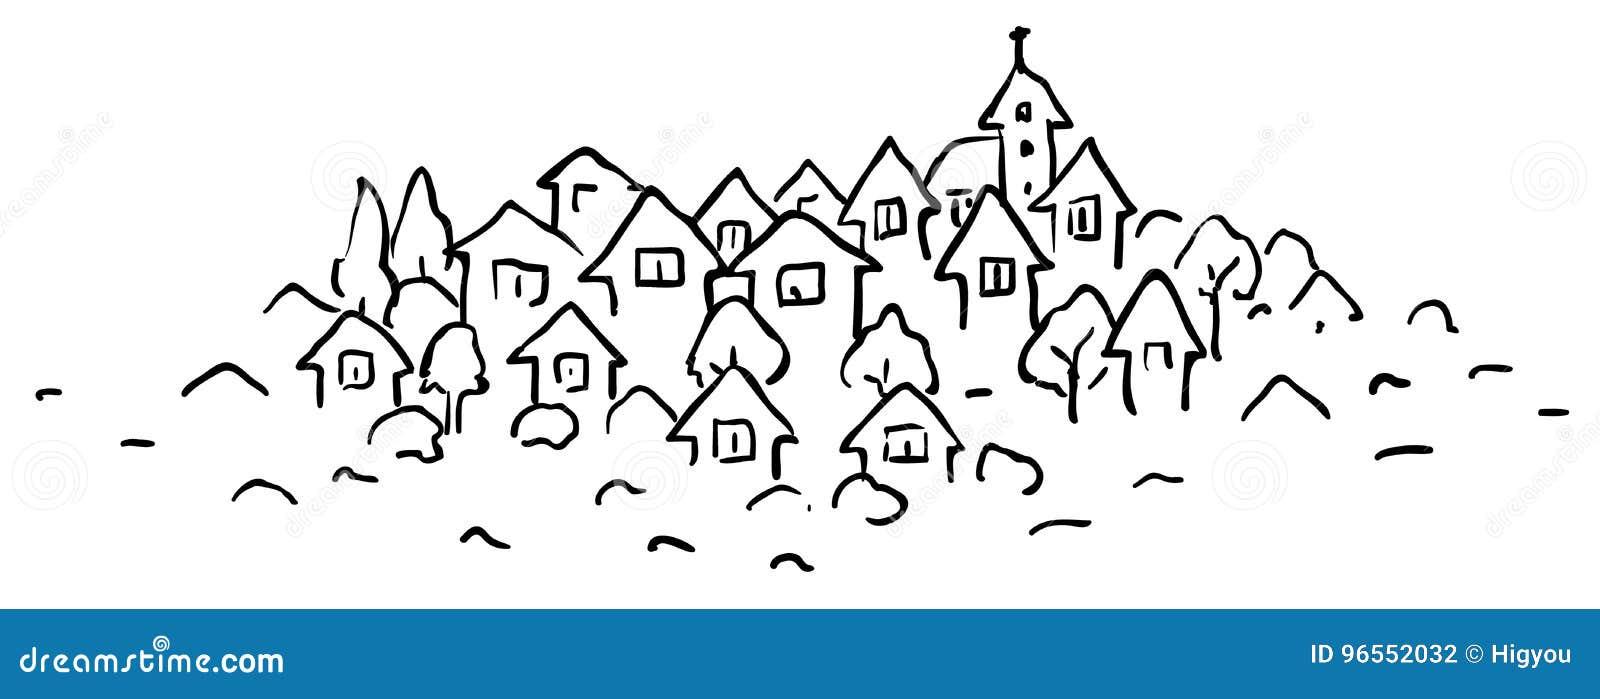 Dibujo lineal de la pequeña ciudad